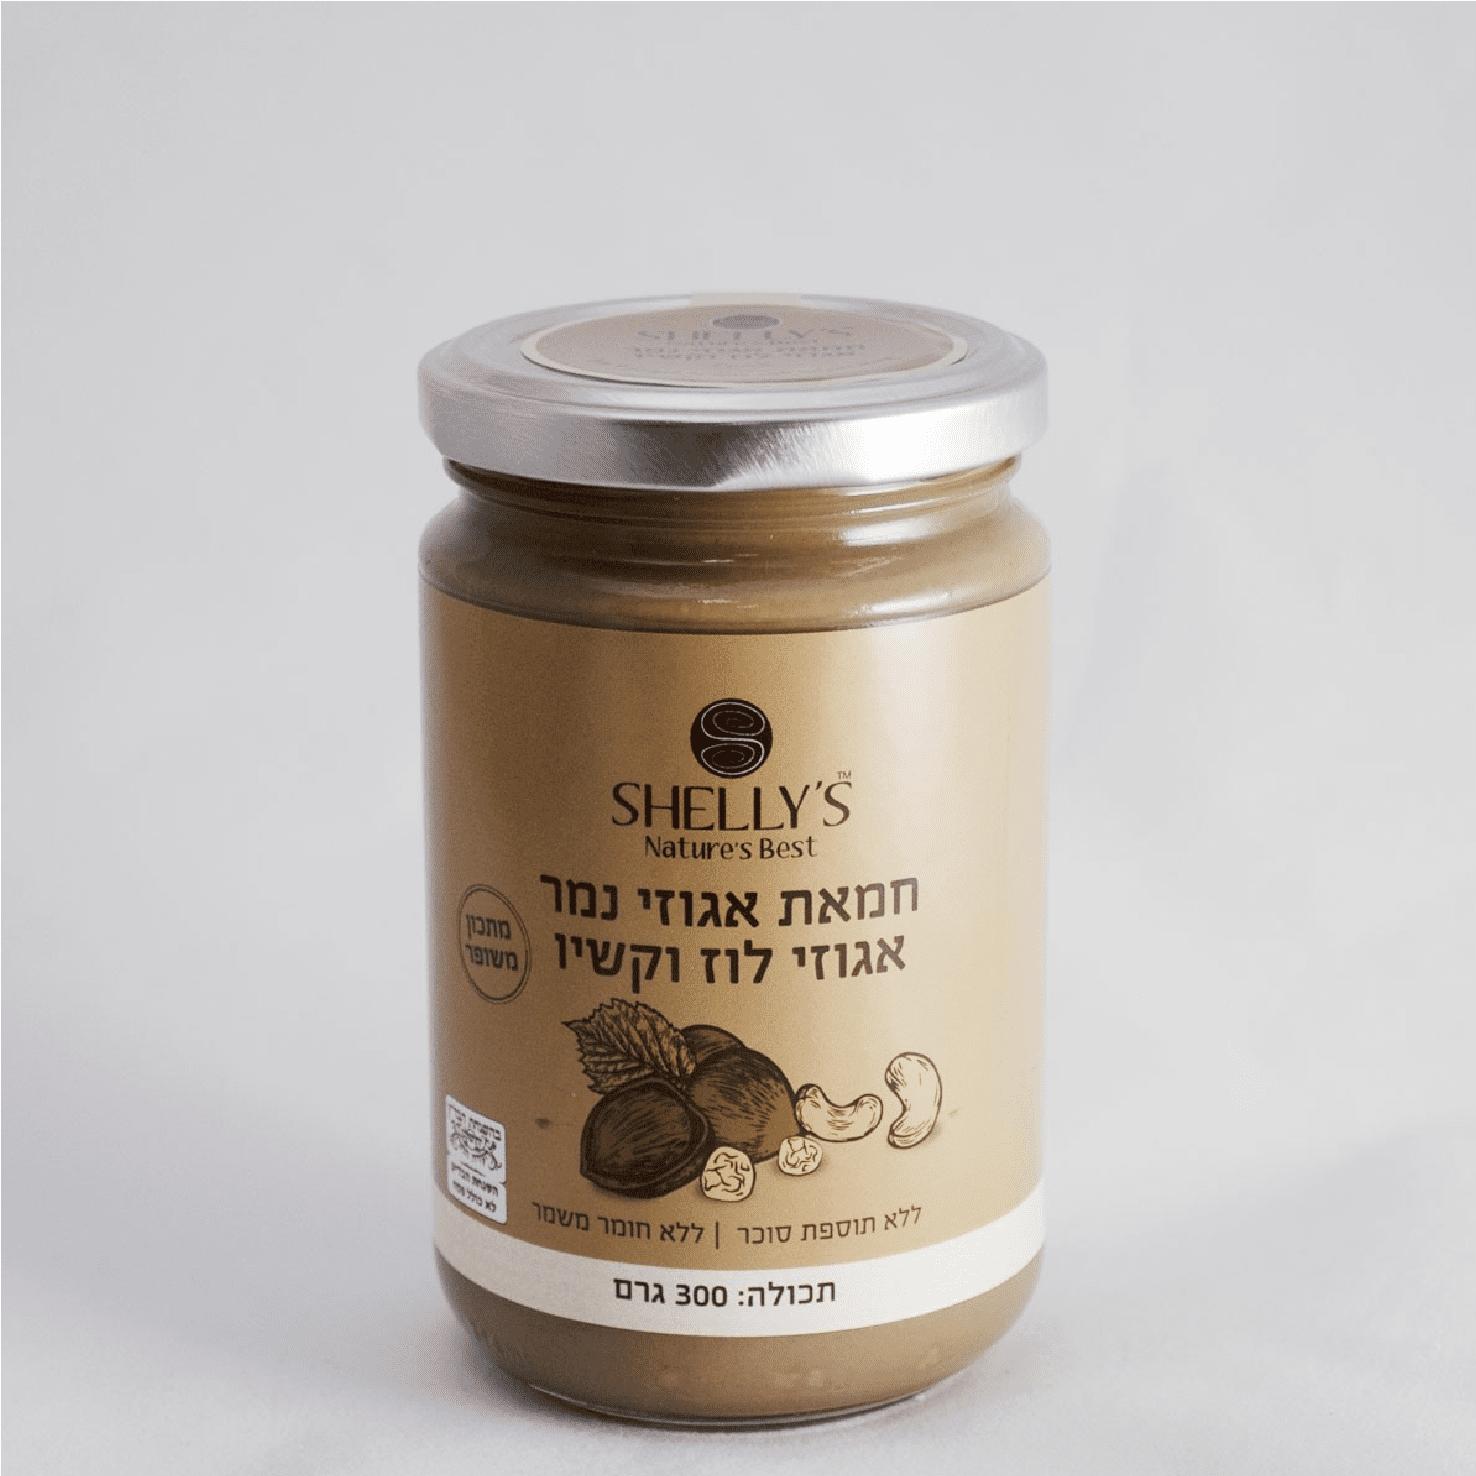 חמאת אגוזי נמר לוז ושקדים – שליז